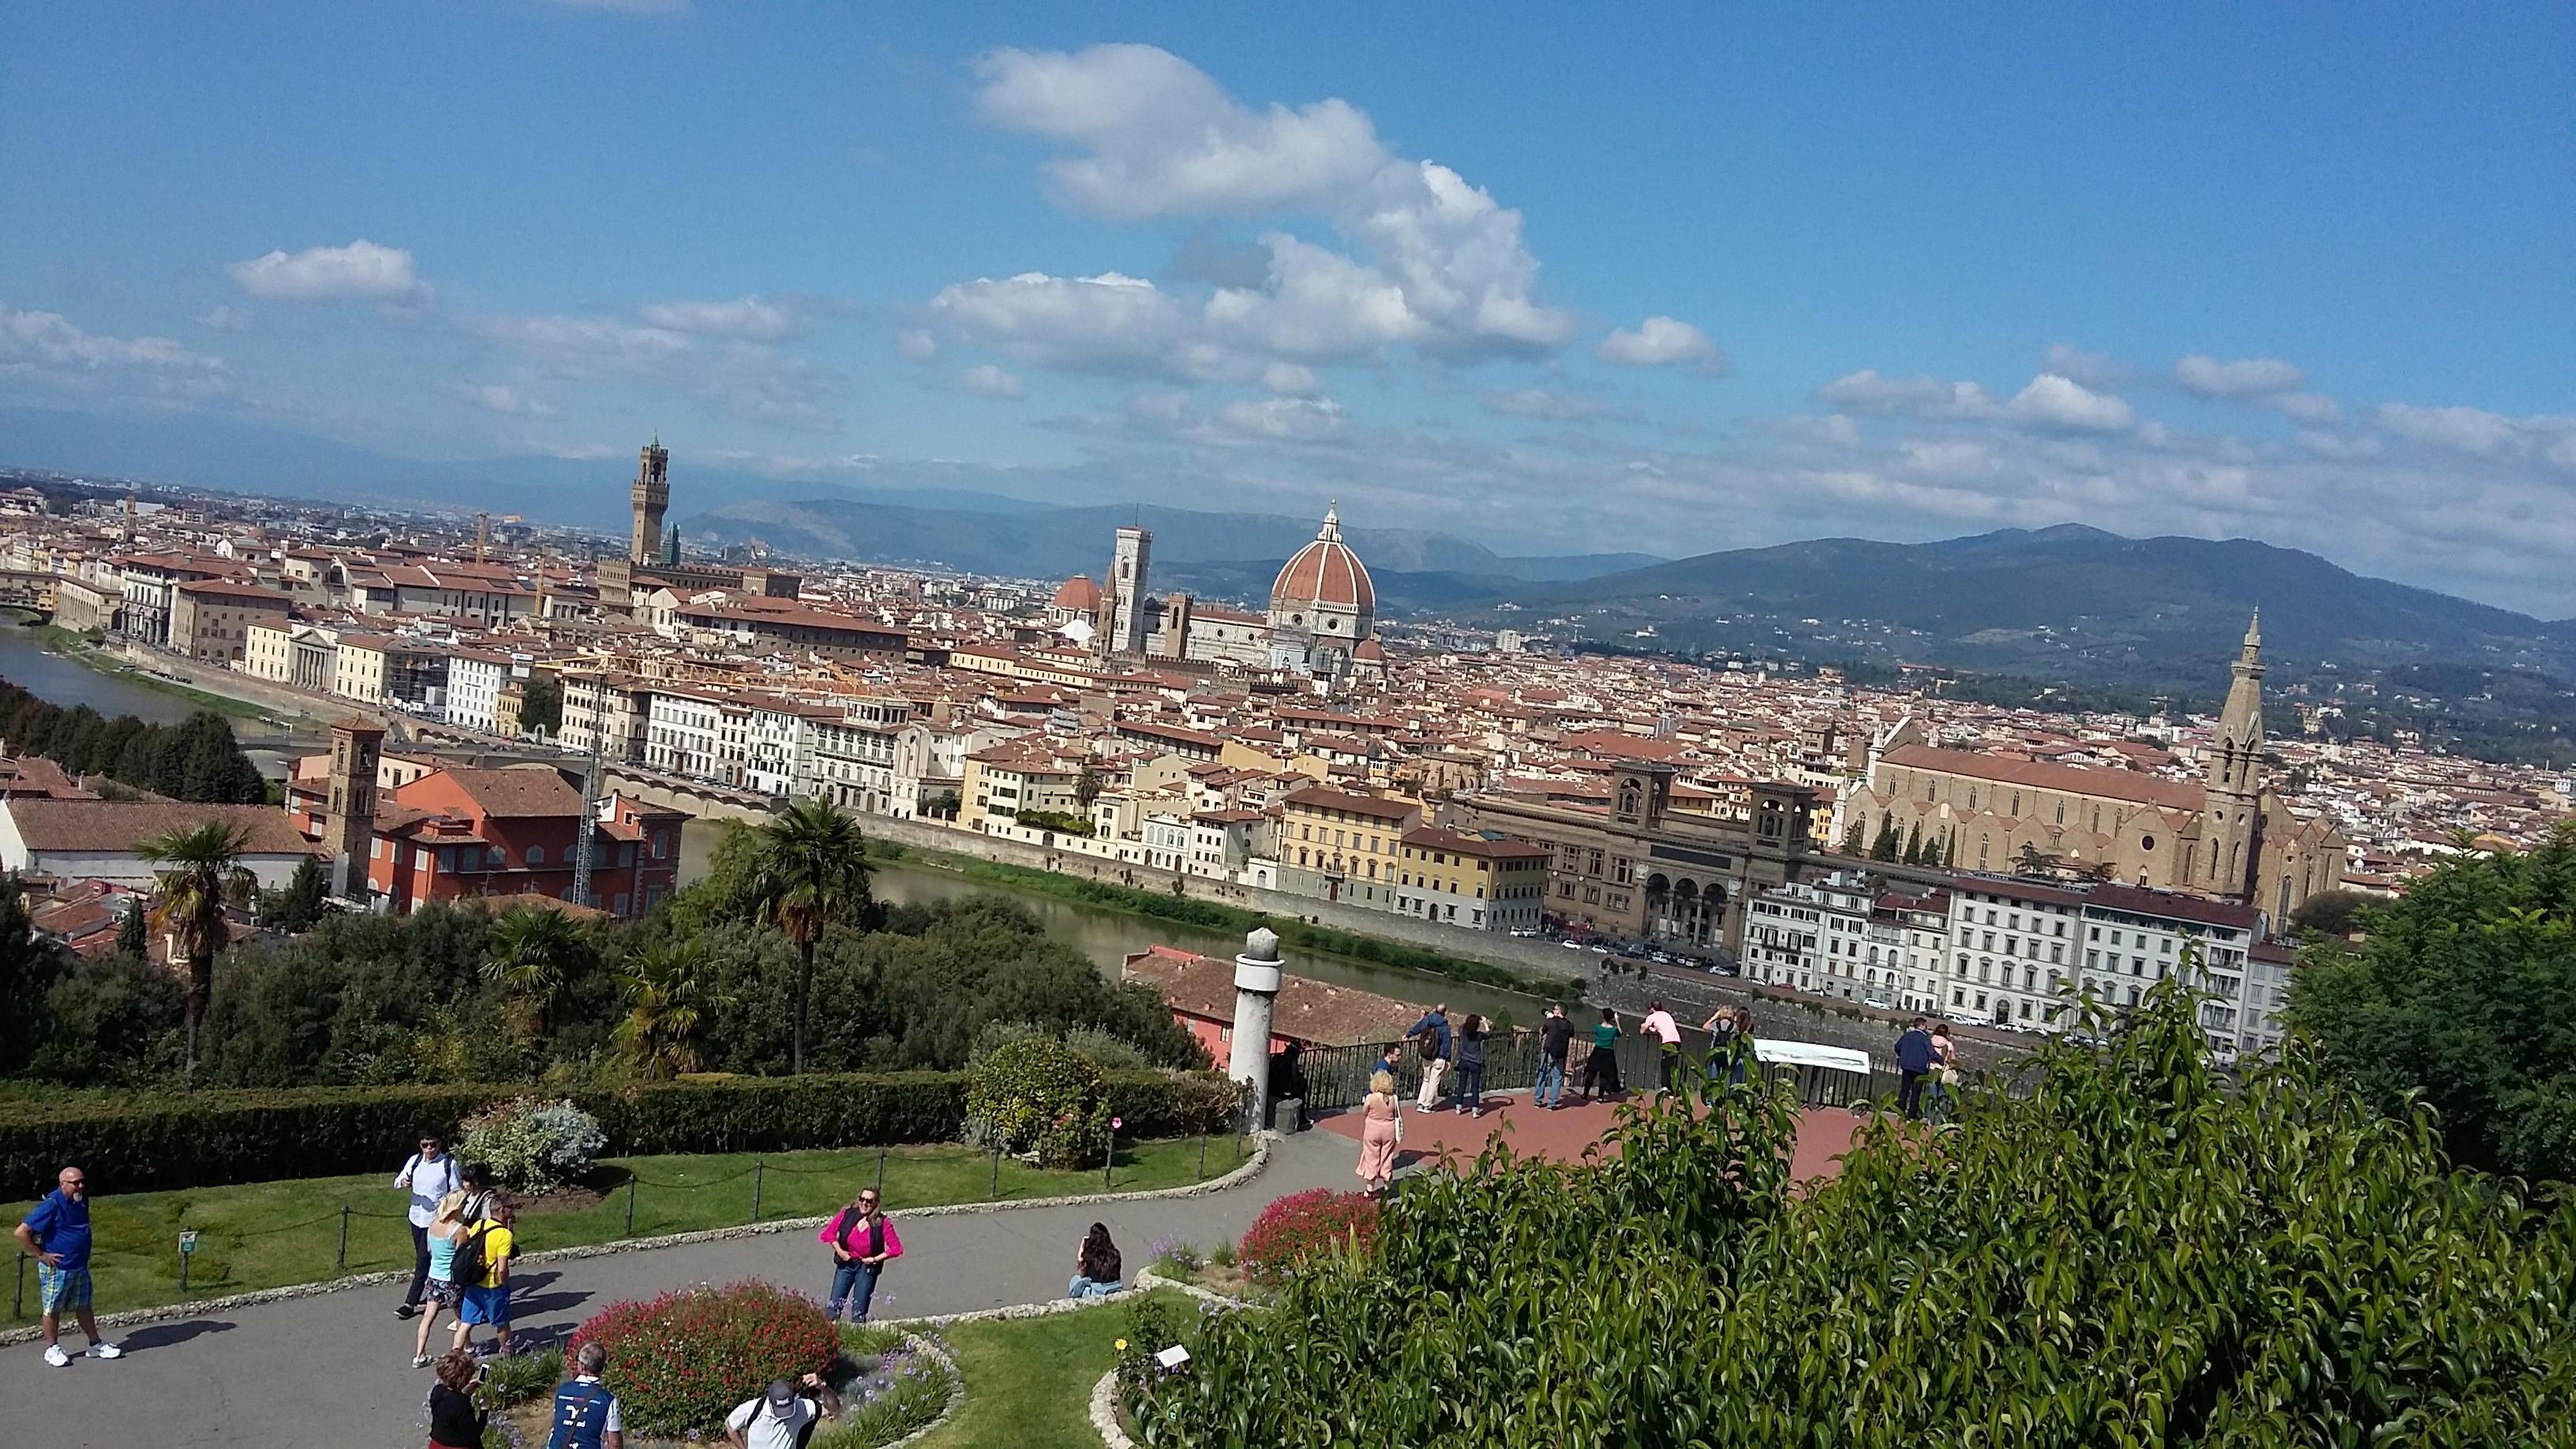 Näkymä matkalla alas Piazzale Michelangelolta.